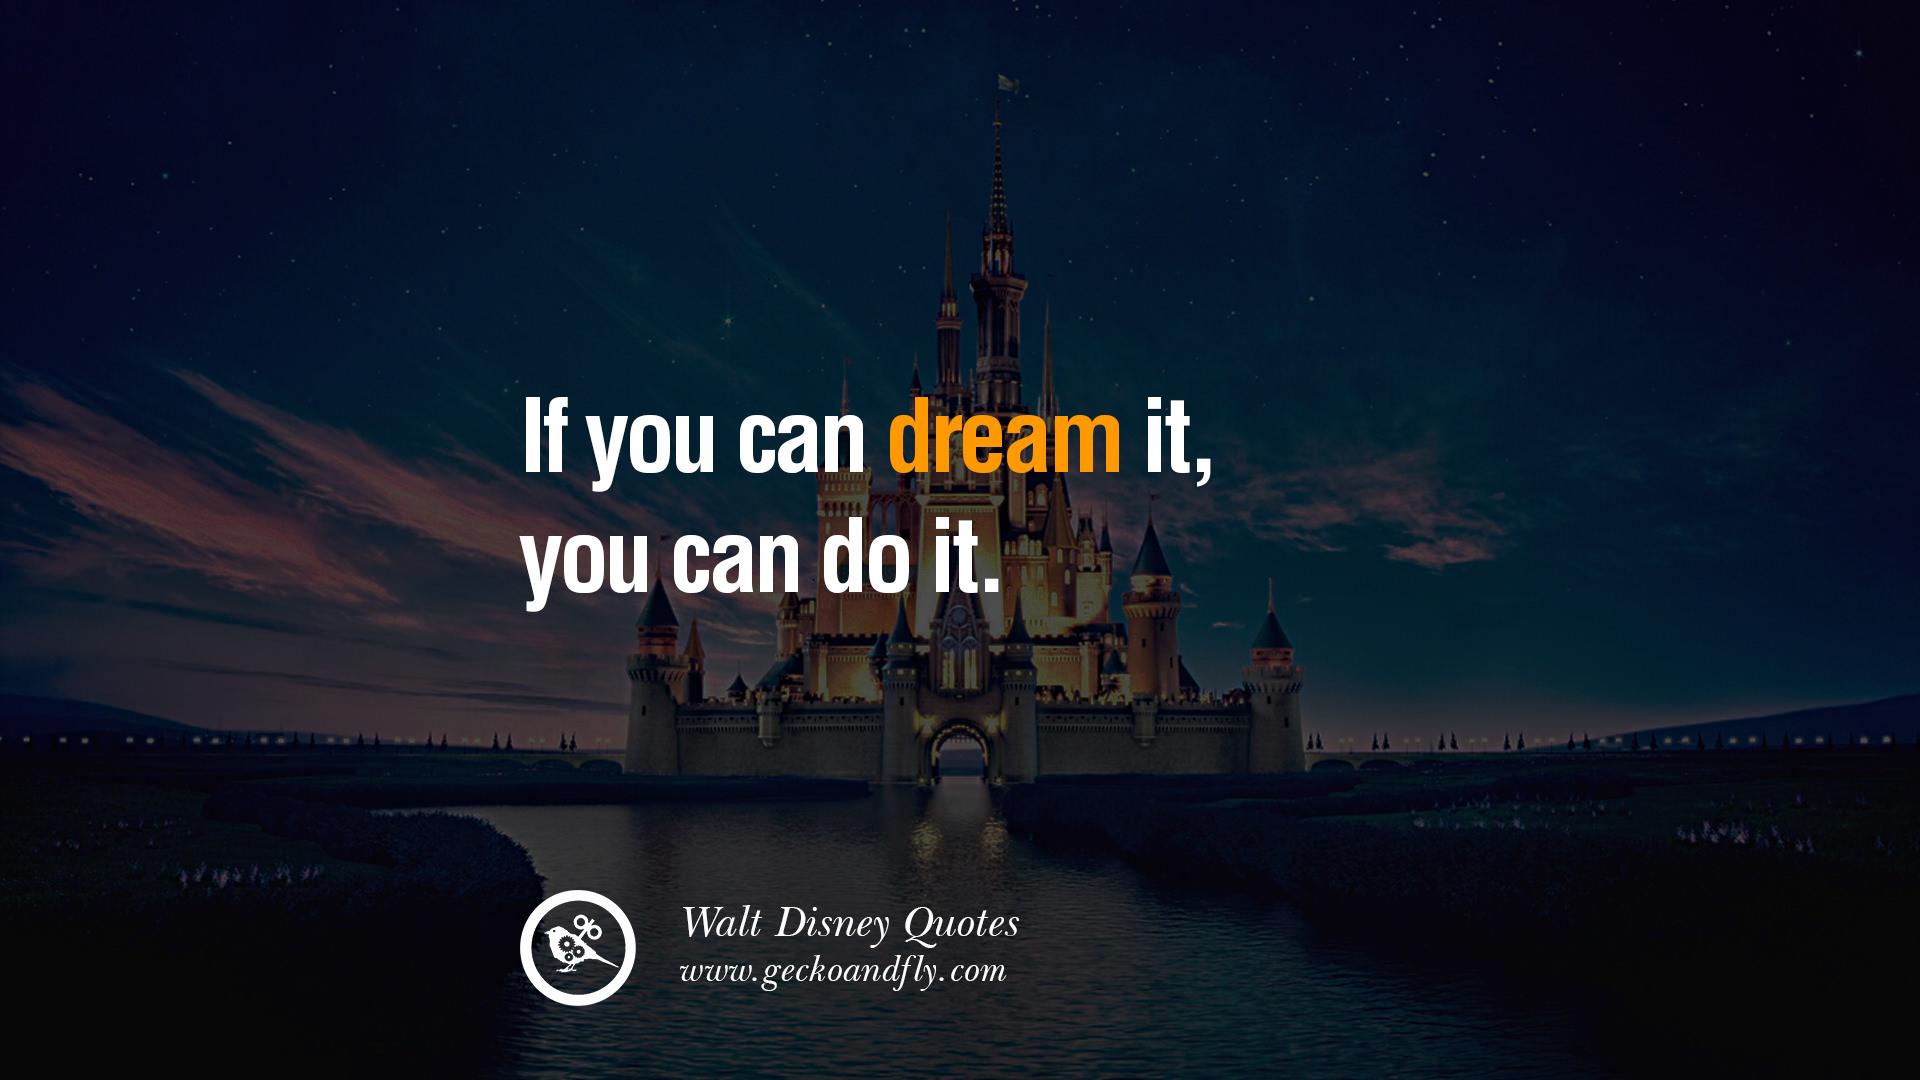 Walt Disney Quotes Wallpaper 1920x1080